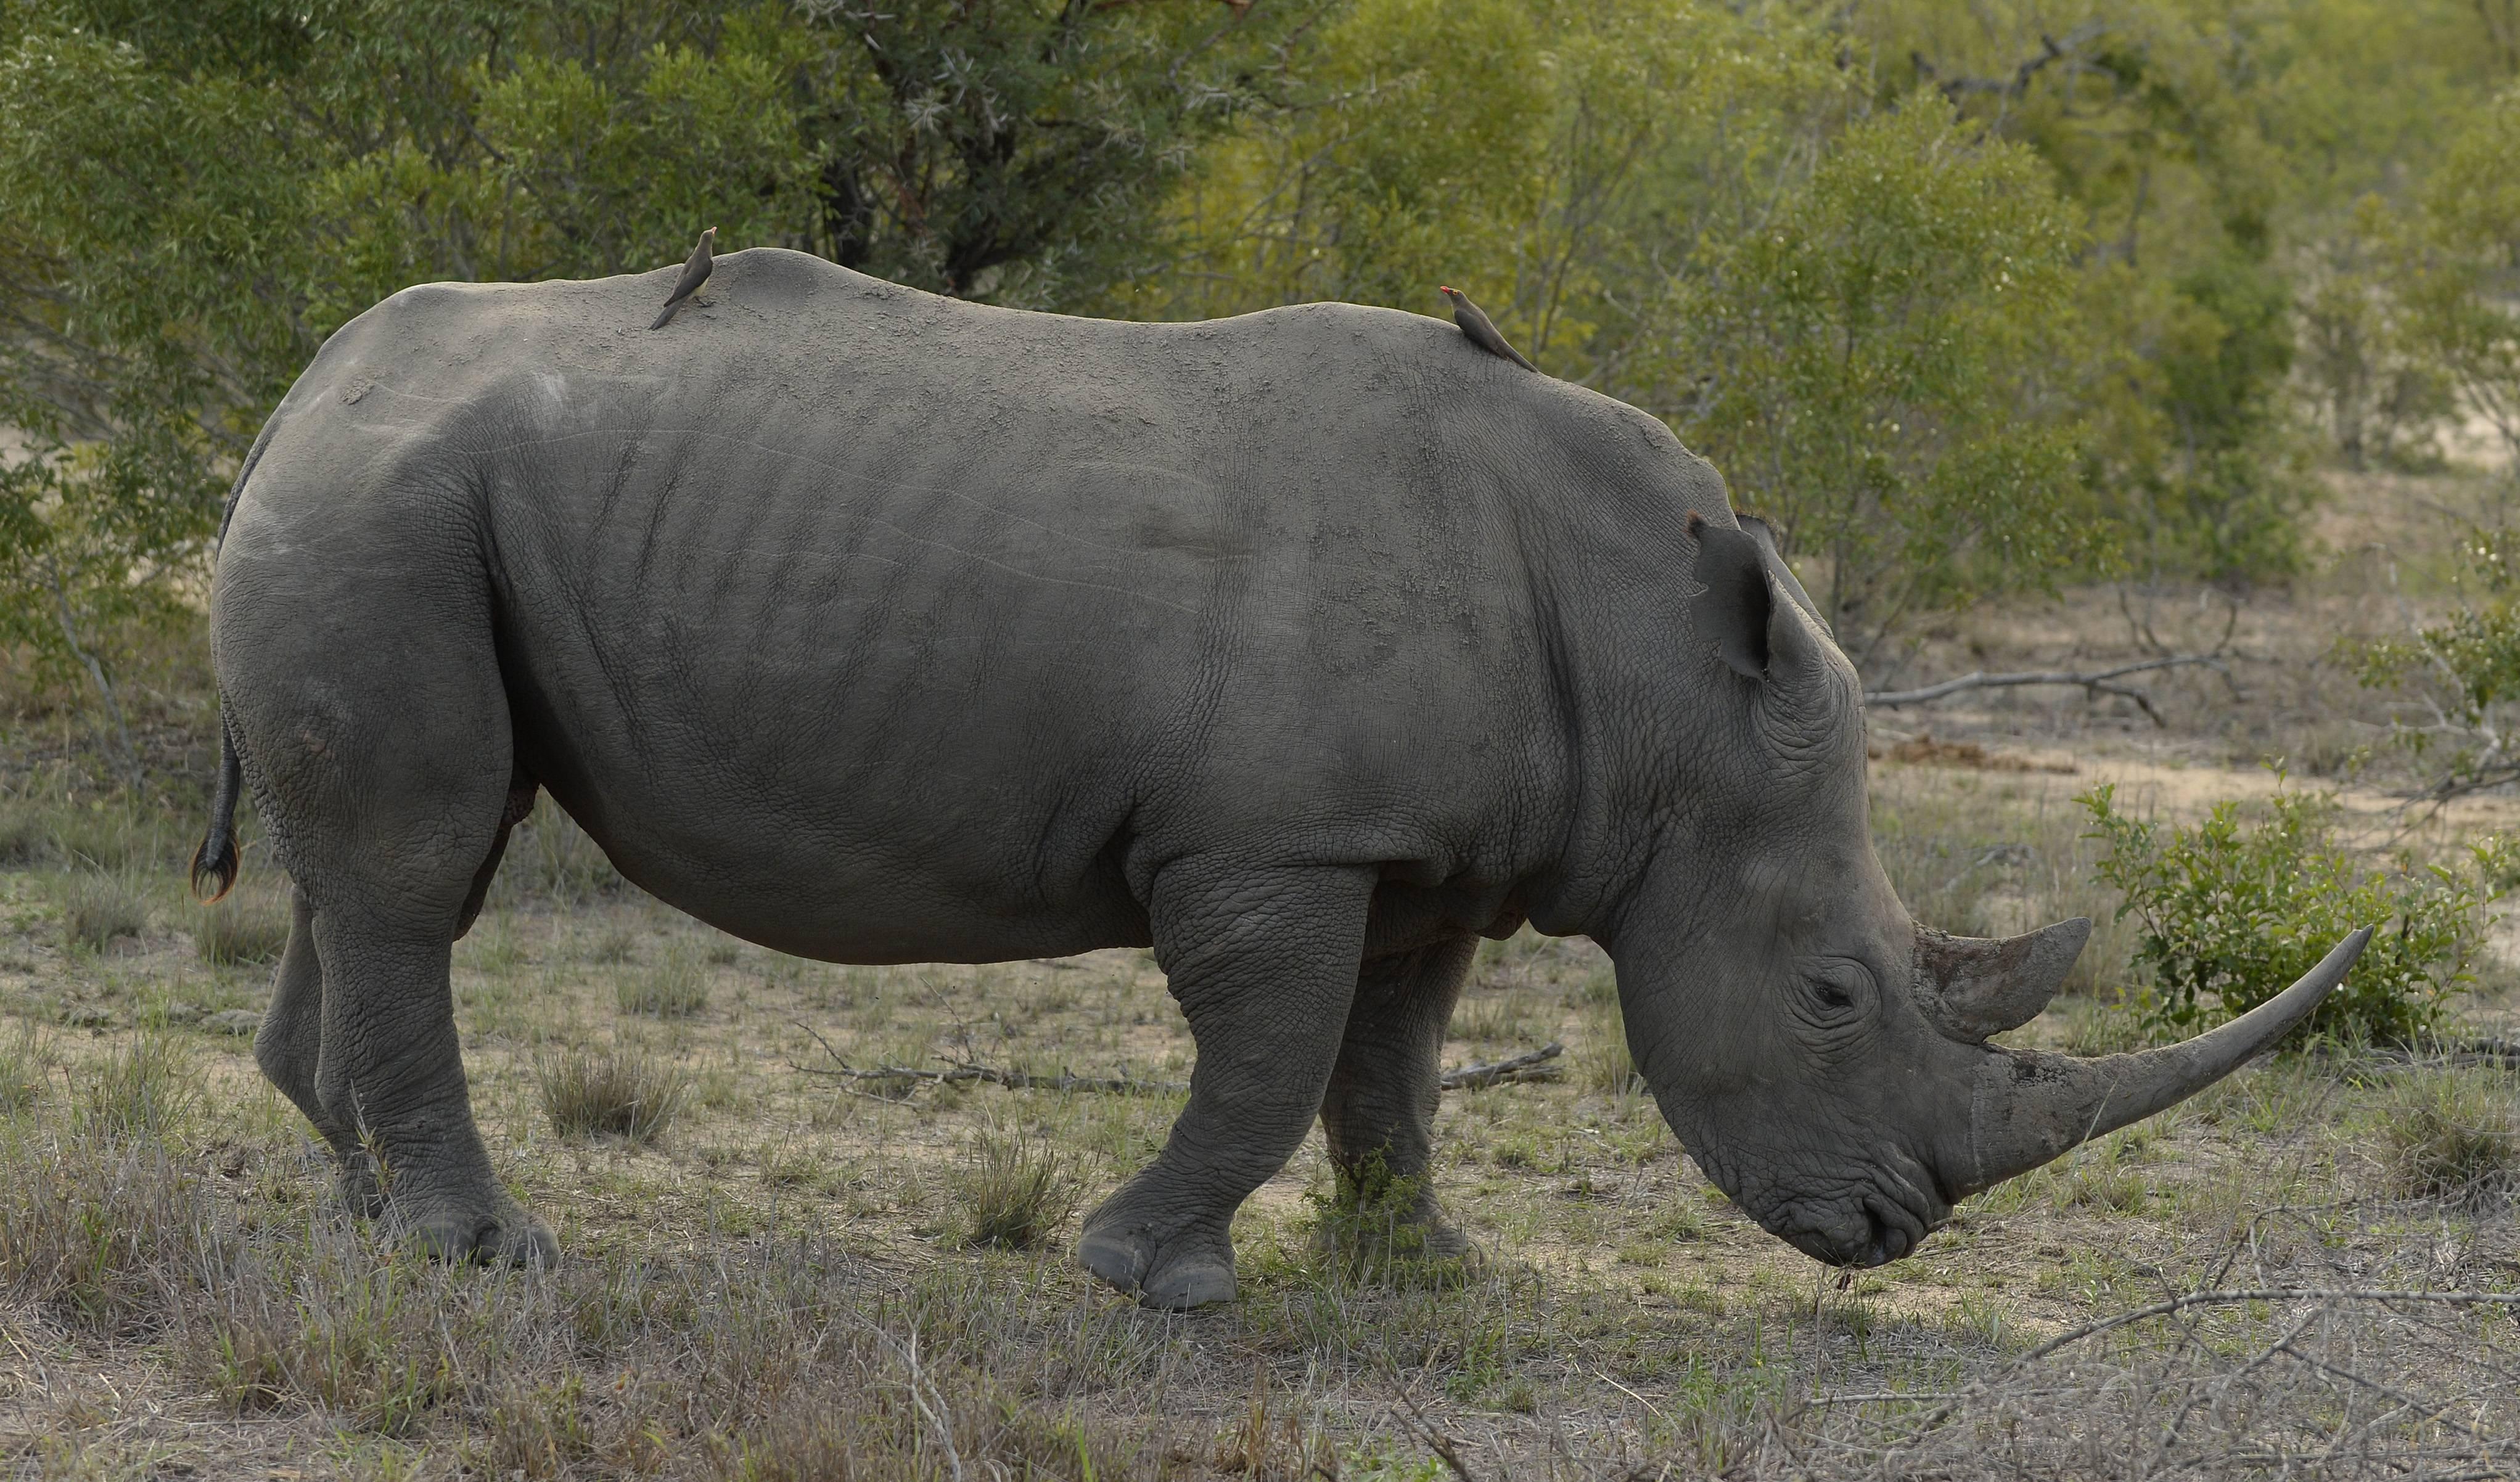 Los mamíferos han perdido millones de años de historia evolutiva gracias a los seres humanos